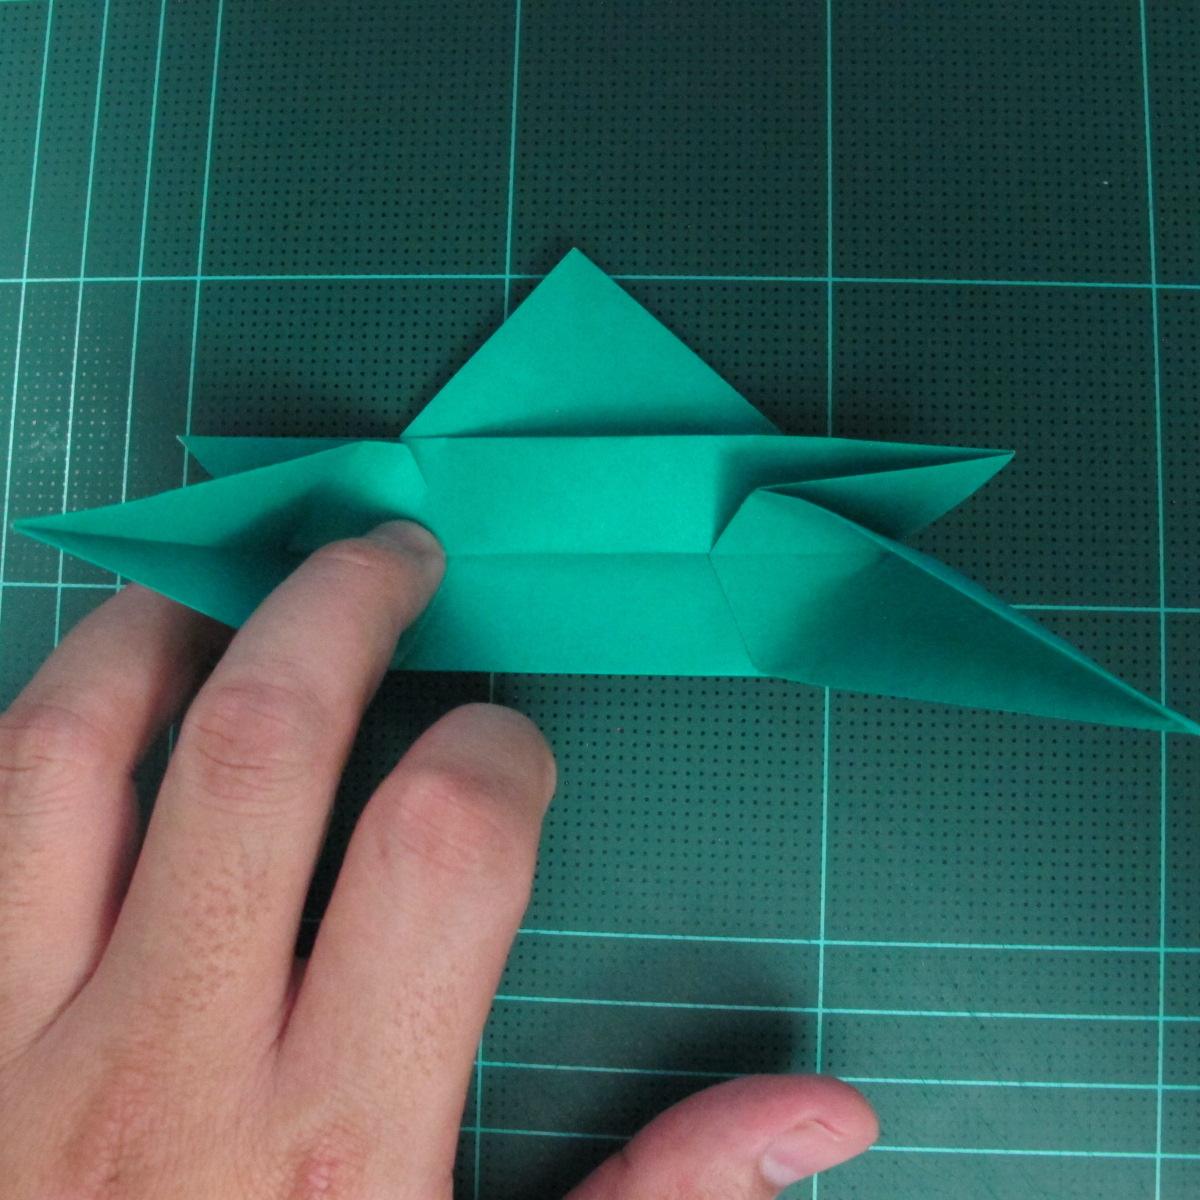 การพับกระดาษเป็นรูปเรือมังกร (Origami Dragon Boat) 019